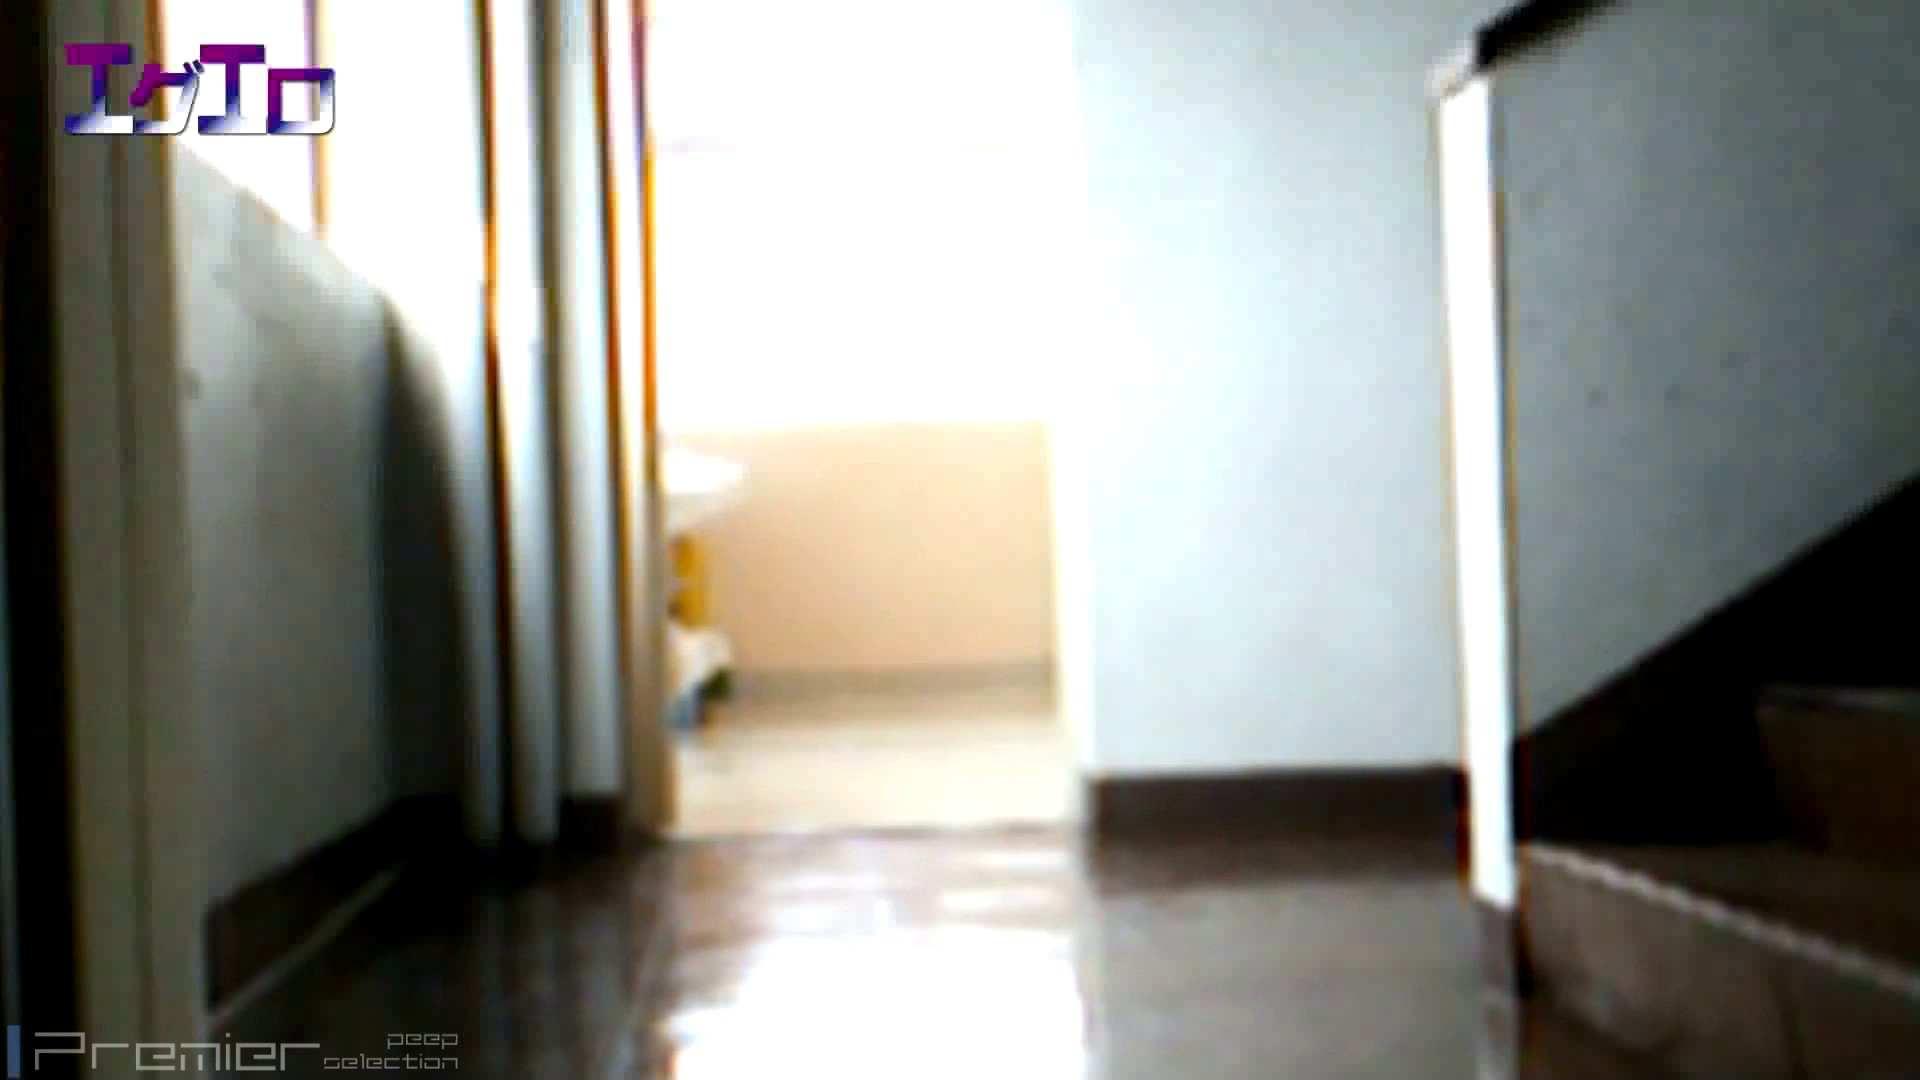 至近距離洗面所 Vol.10ブルージーンズギャルの大放nyo 萌えギャル オマンコ無修正動画無料 96連発 56